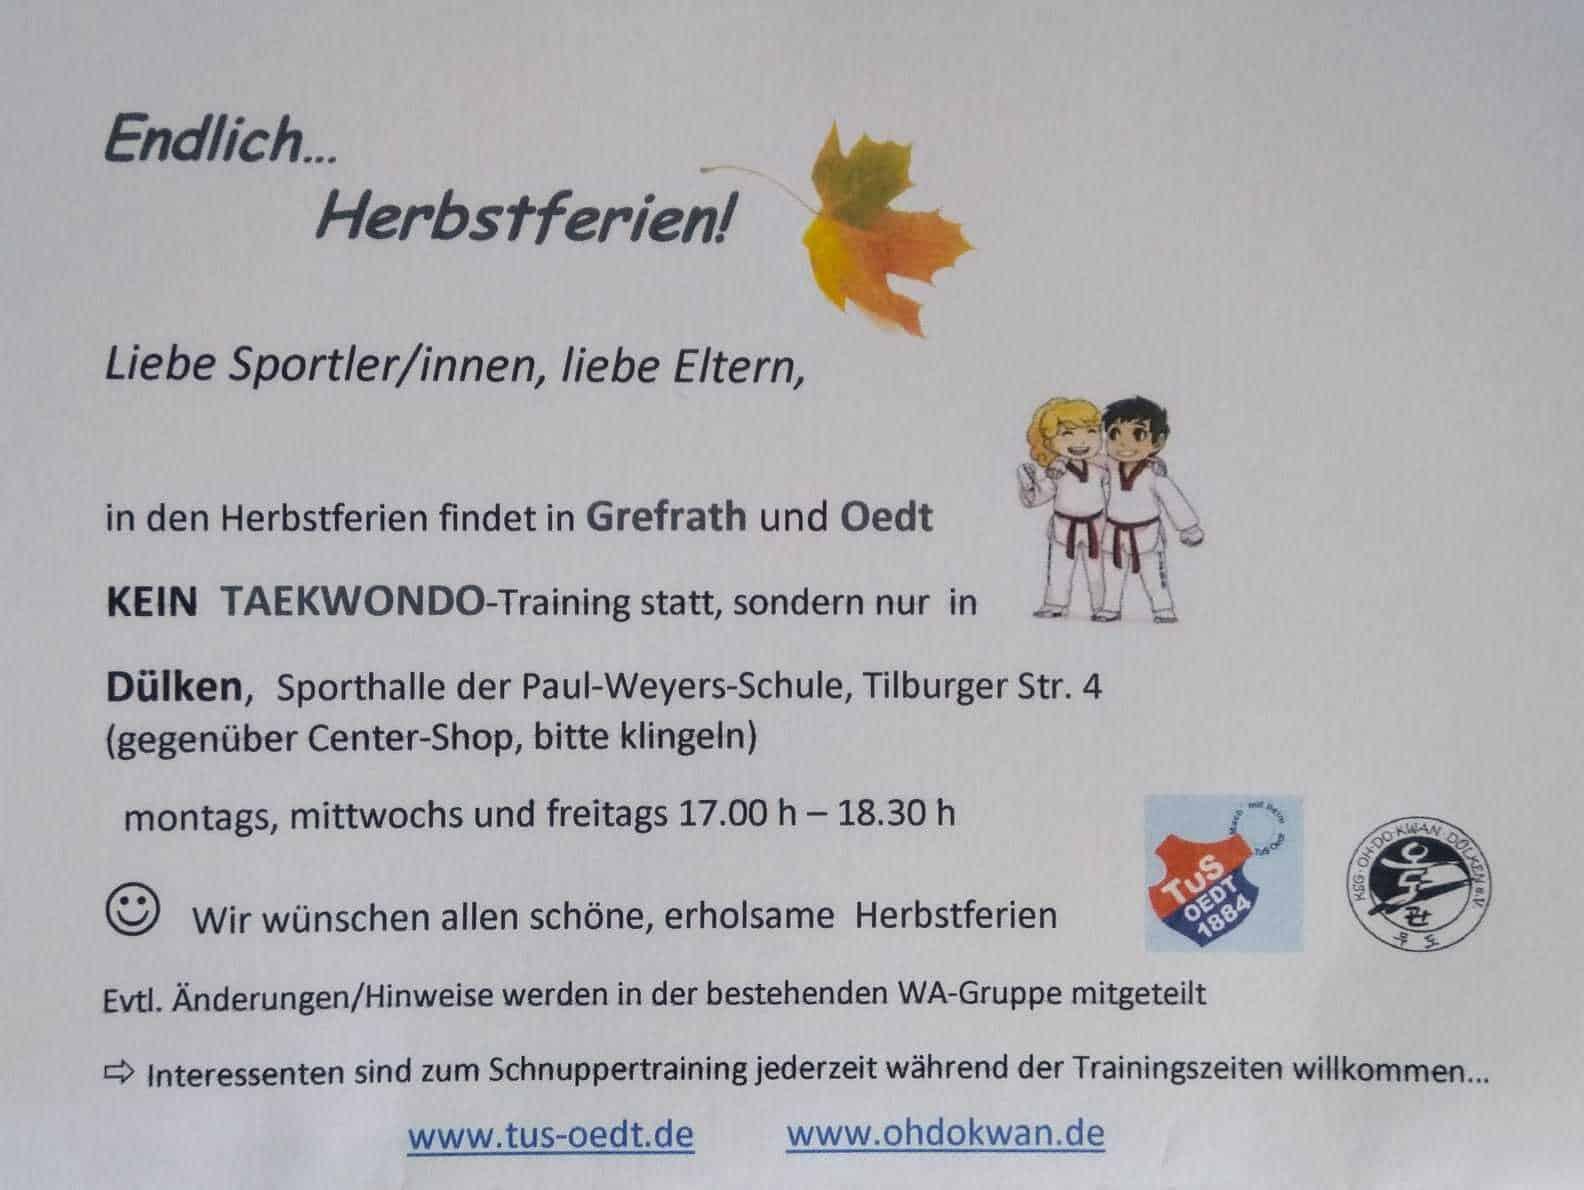 Verlegung des Taekwondo-Trainings in den Herbstferien nach Dülken